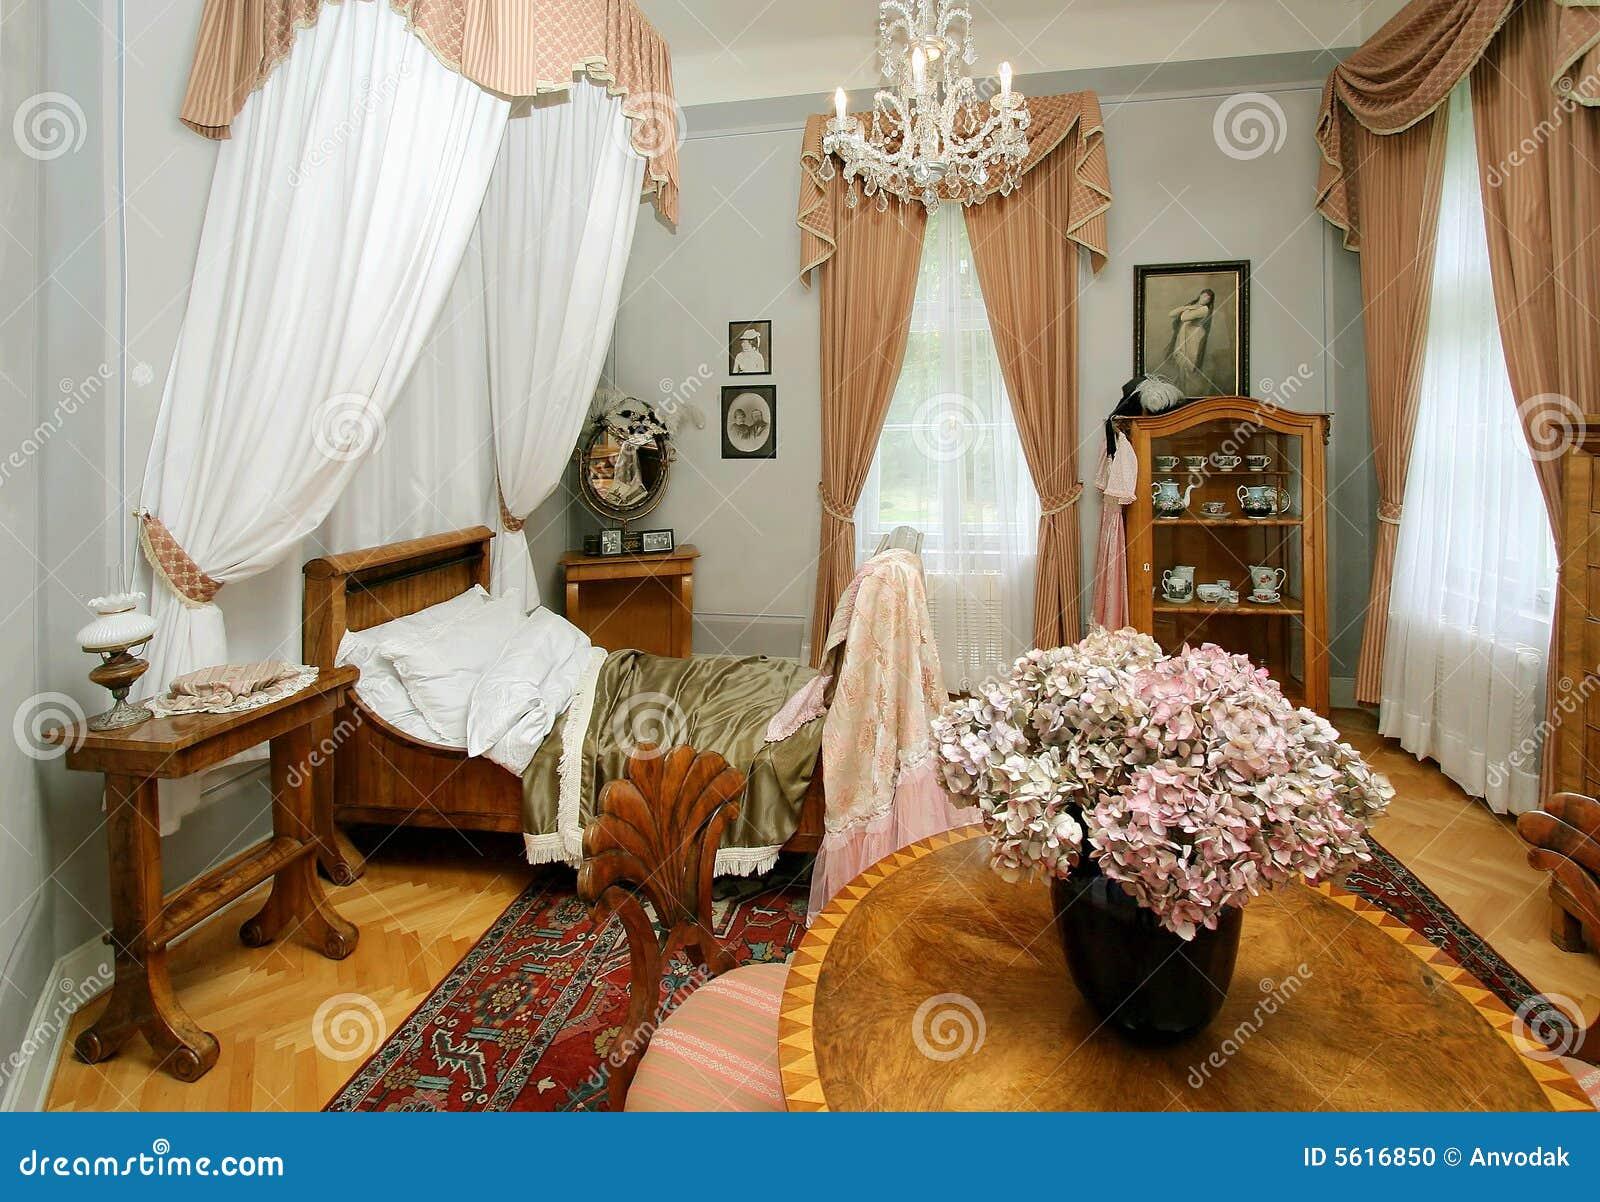 Camera da letto antica fotografia stock. Immagine di dell - 5616850